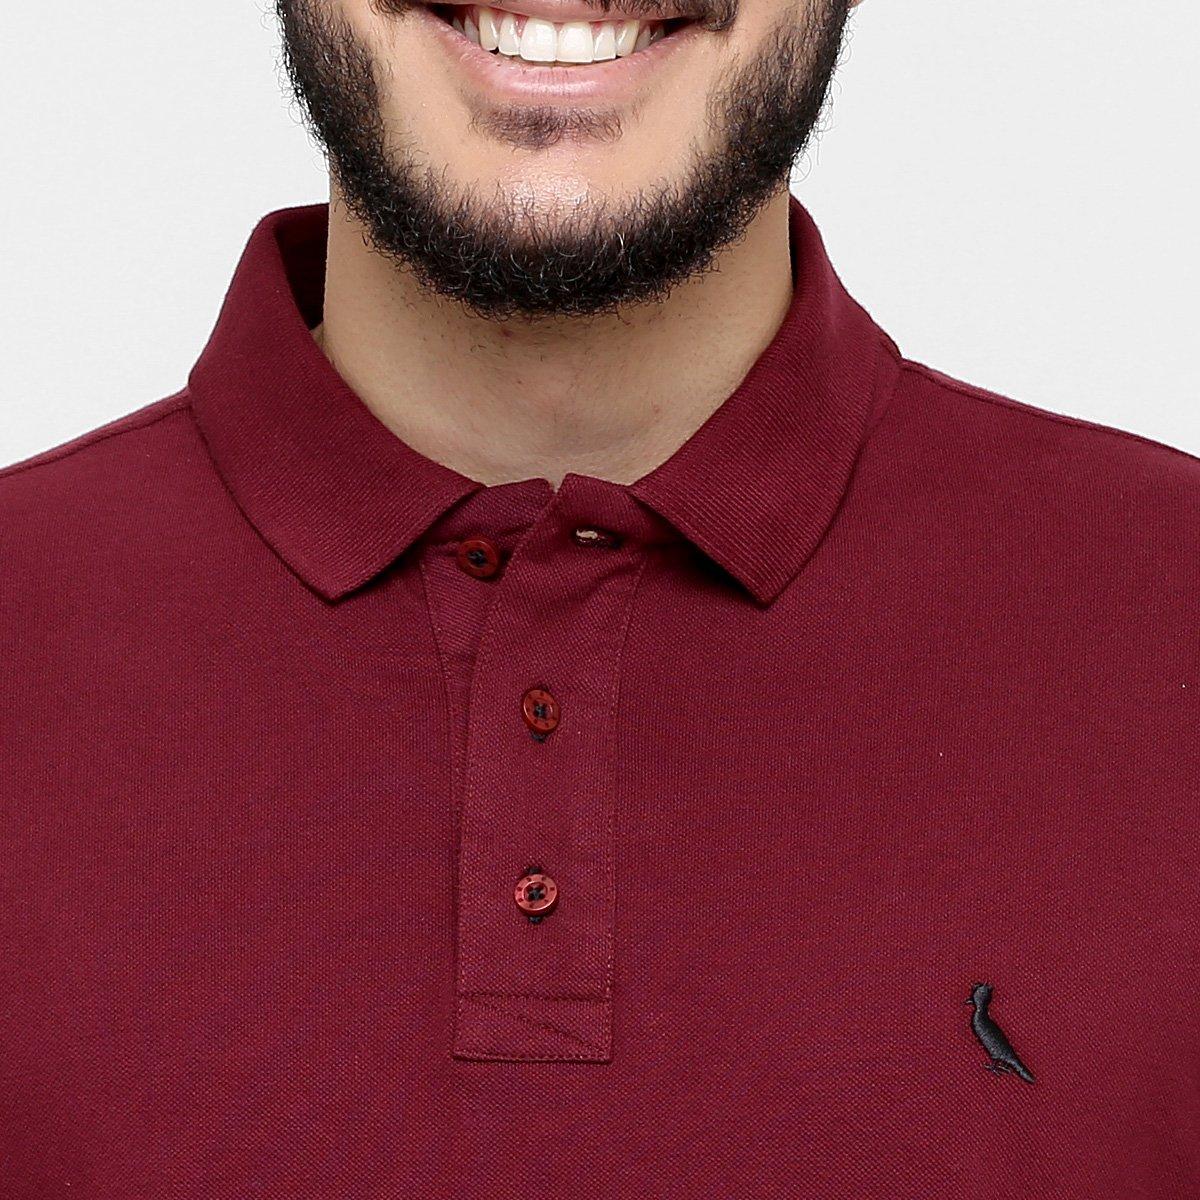 Camisa Polo Reserva Piquet Básica Bordado Logo - Compre Agora  28788aa348c49